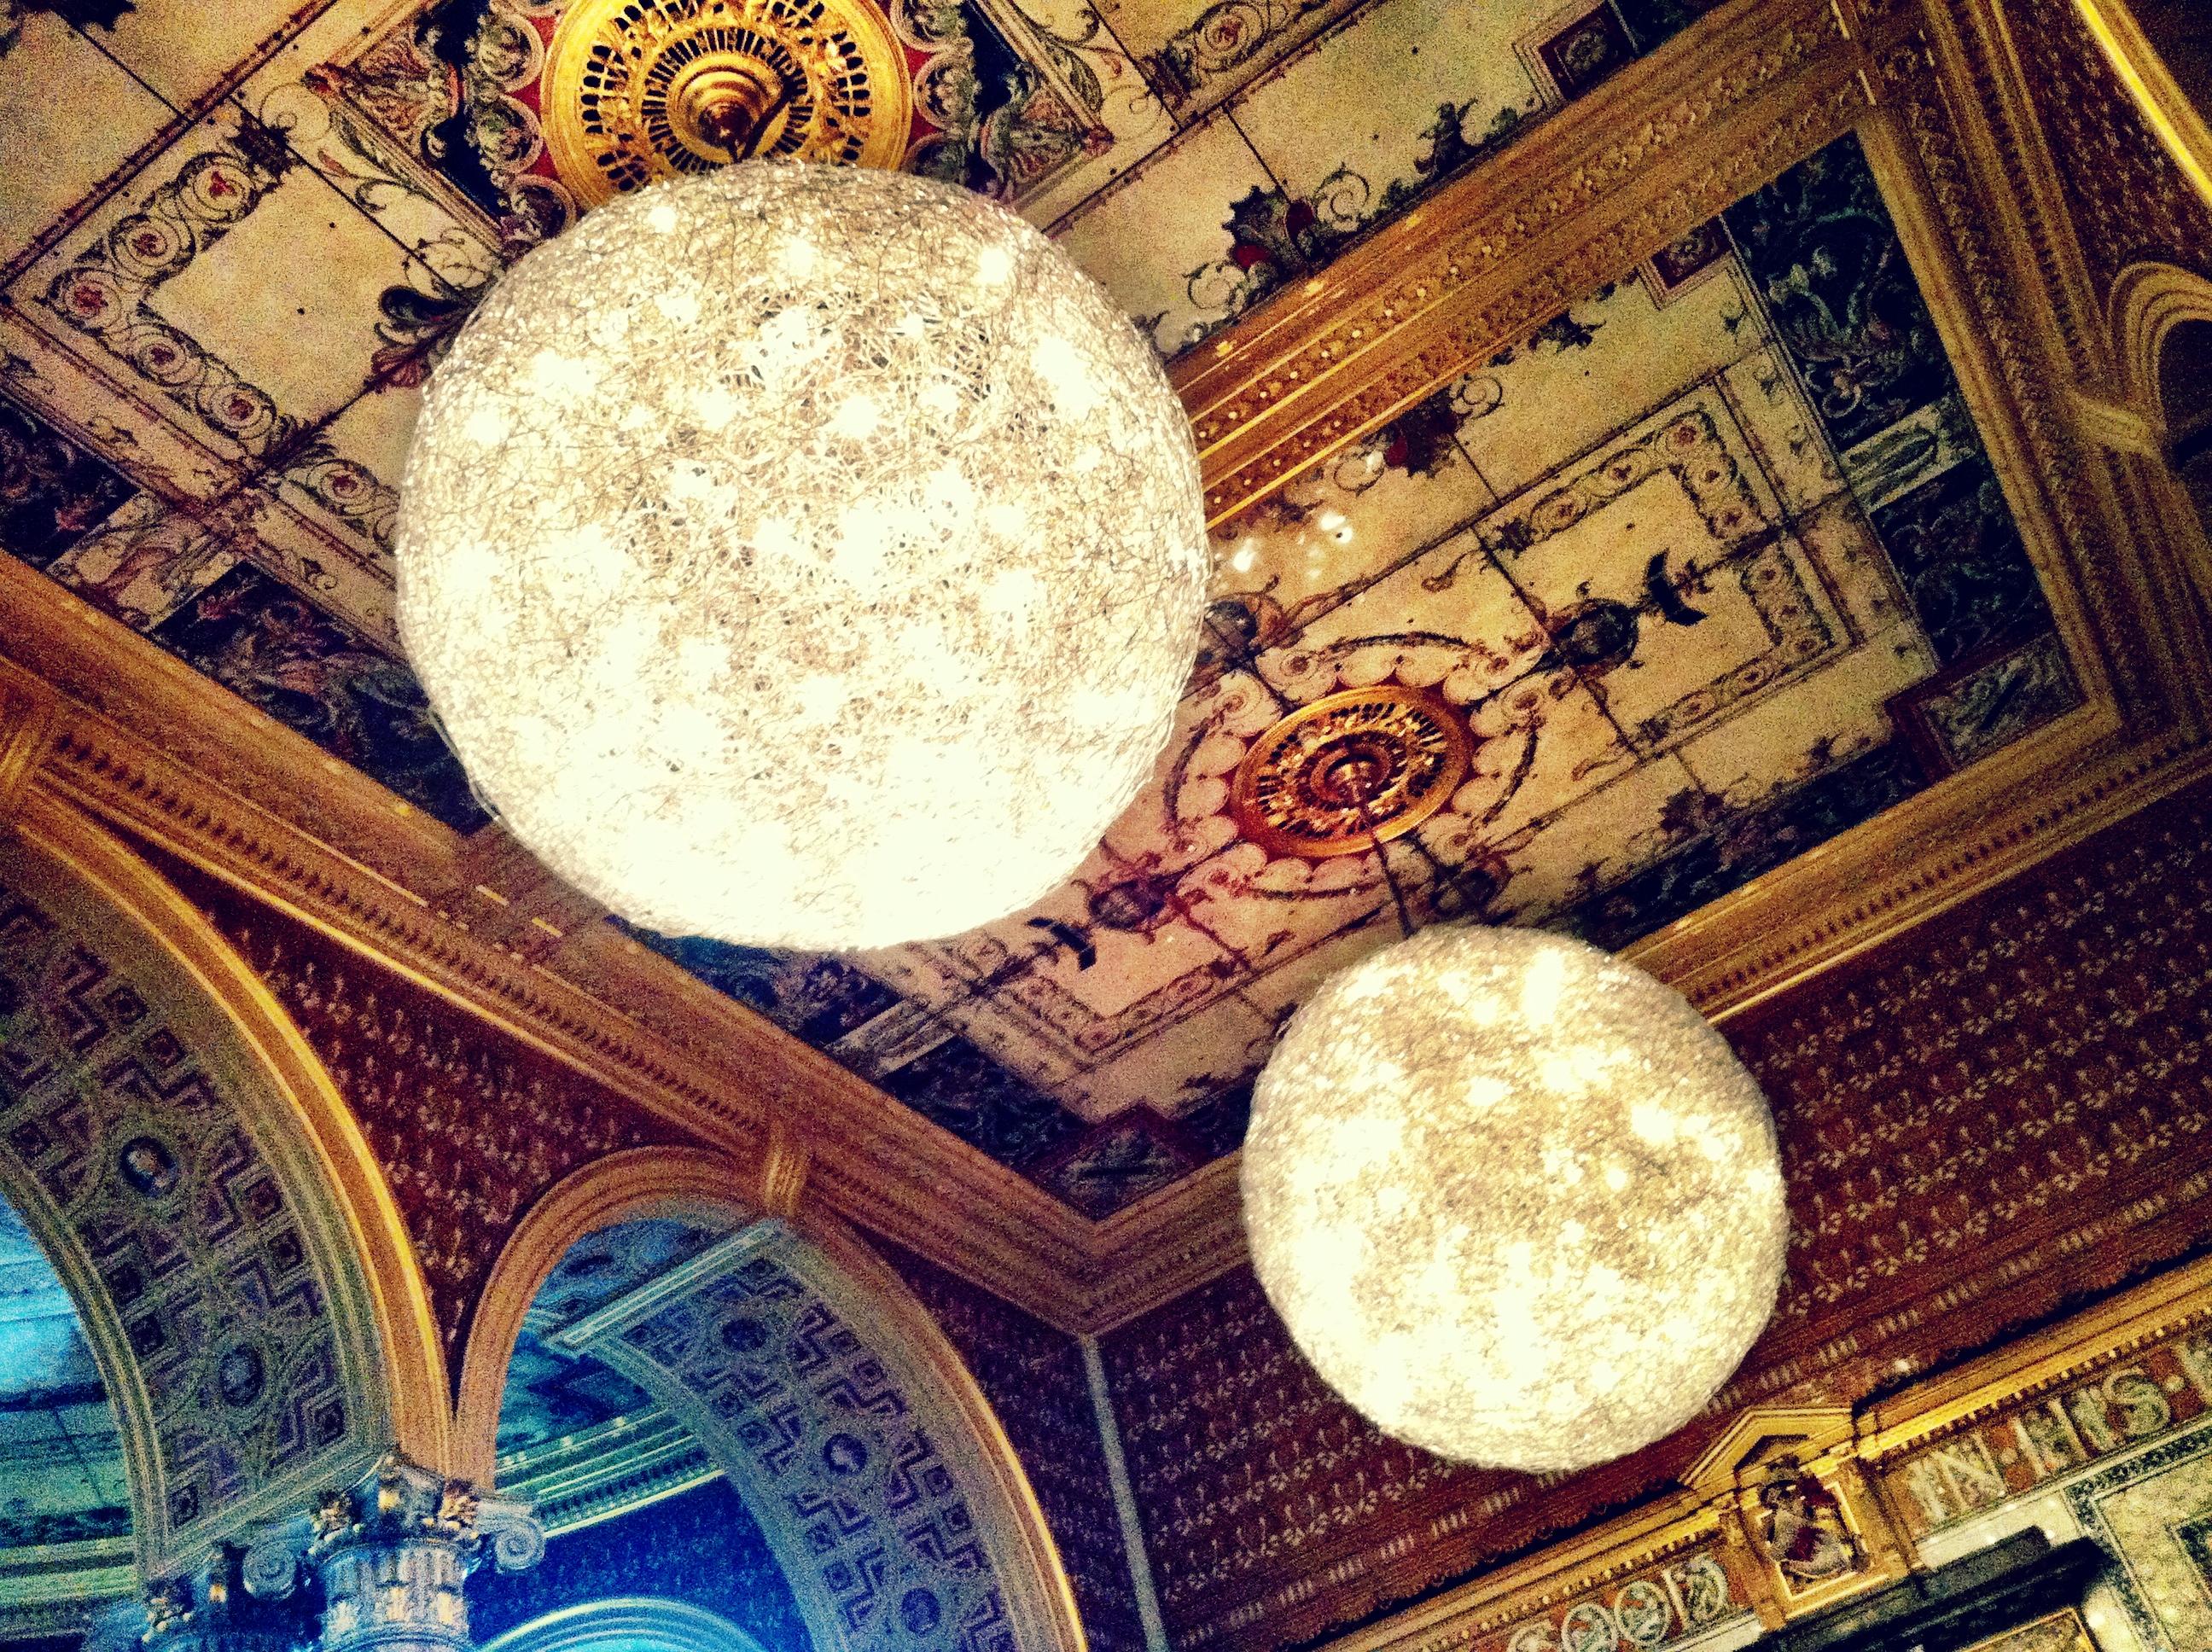 V&A café - the Morris room